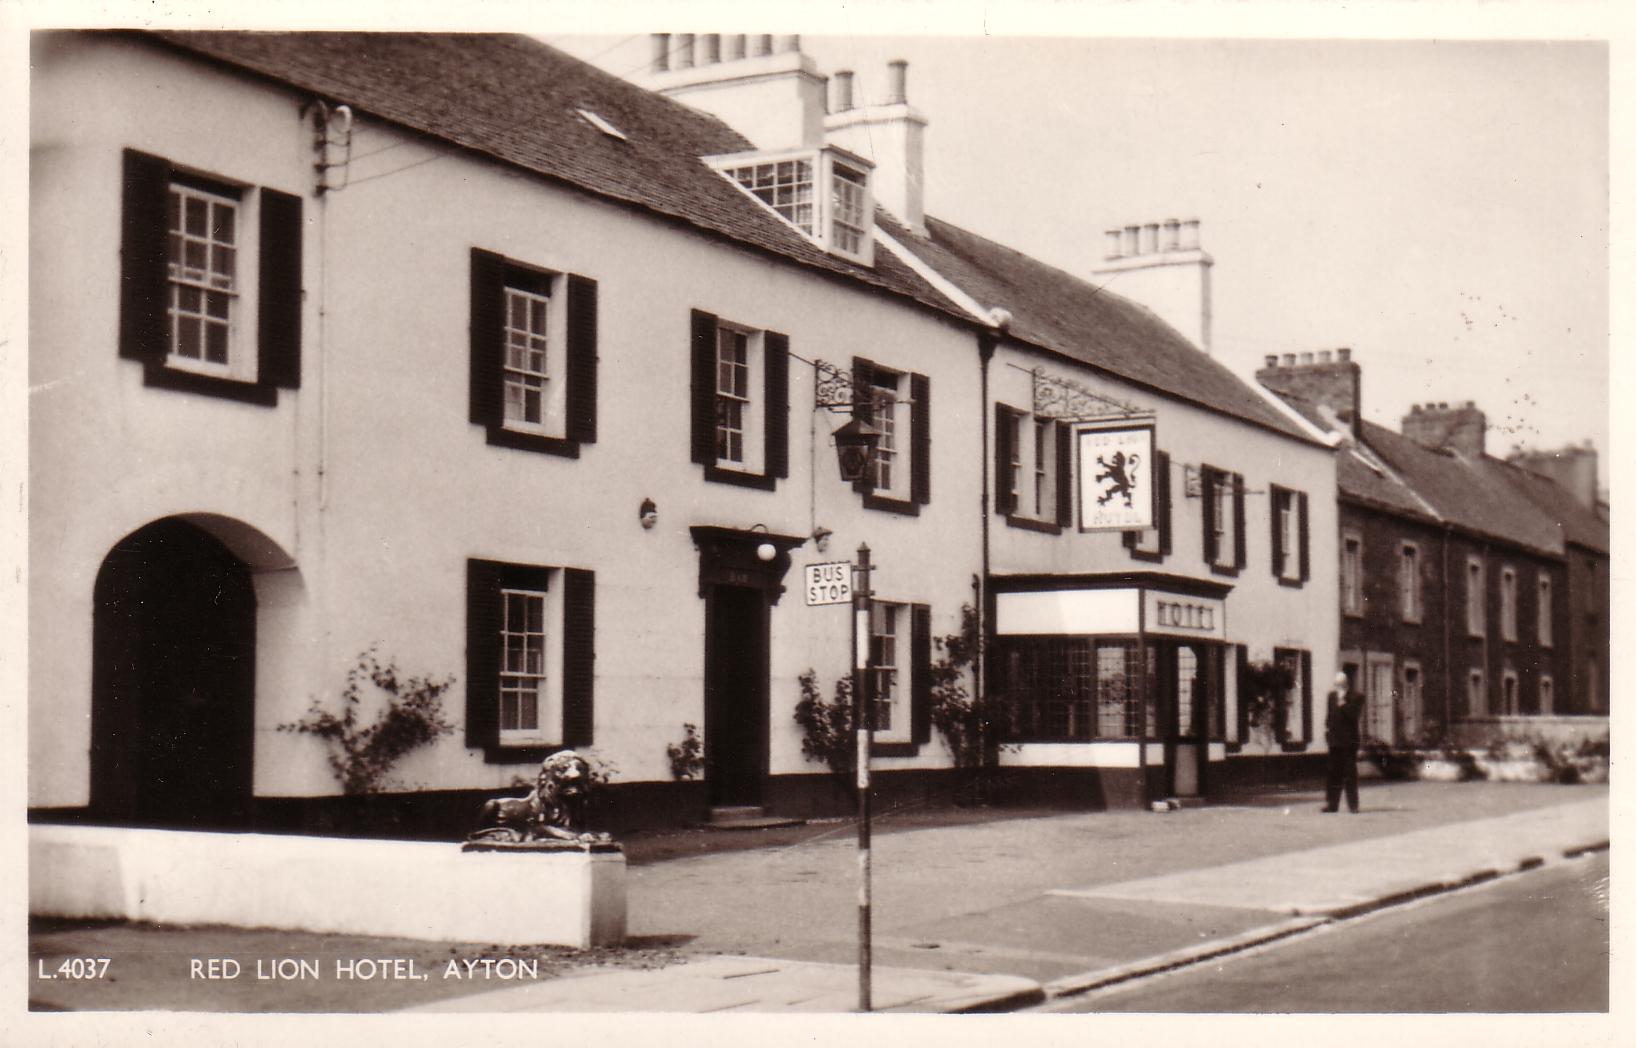 Red Lion Hotel Ayton